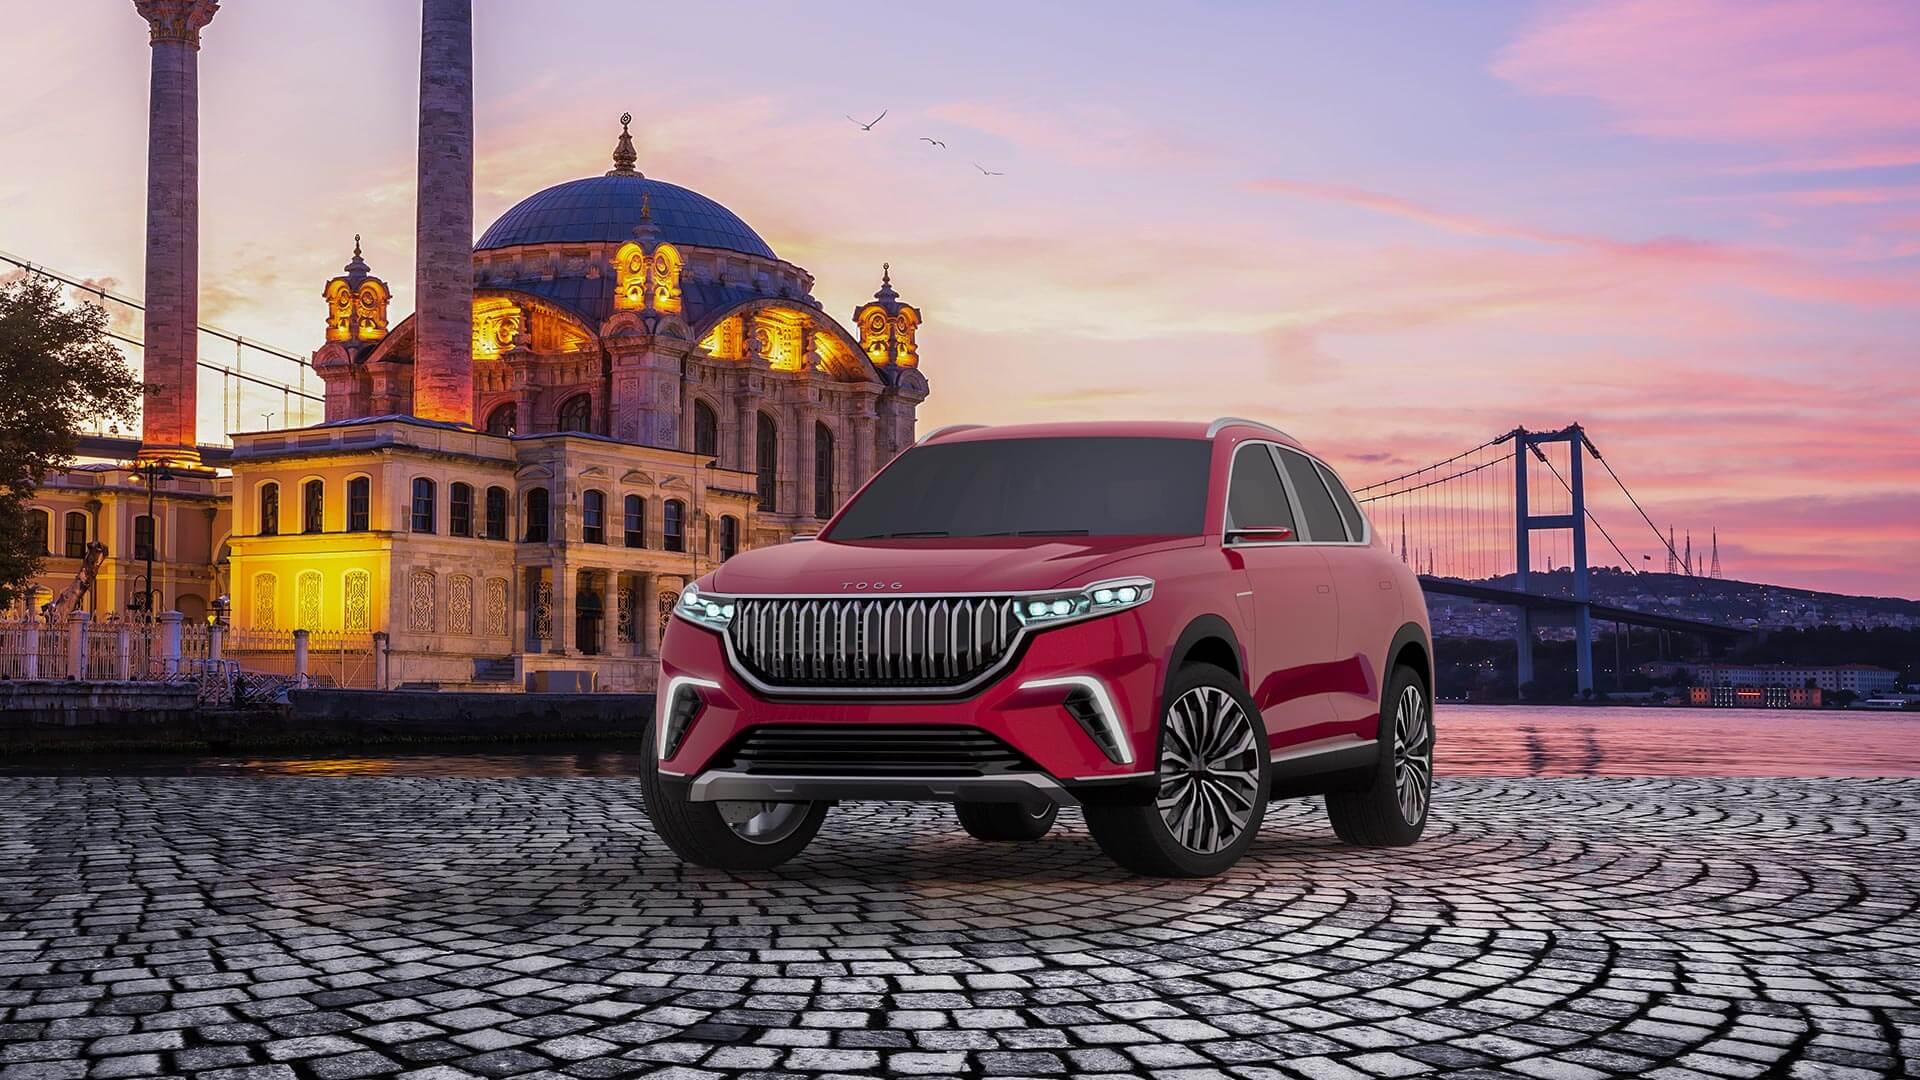 Yerli otomobil için Çin'den güzel haber geldi - OTOPARK.COM